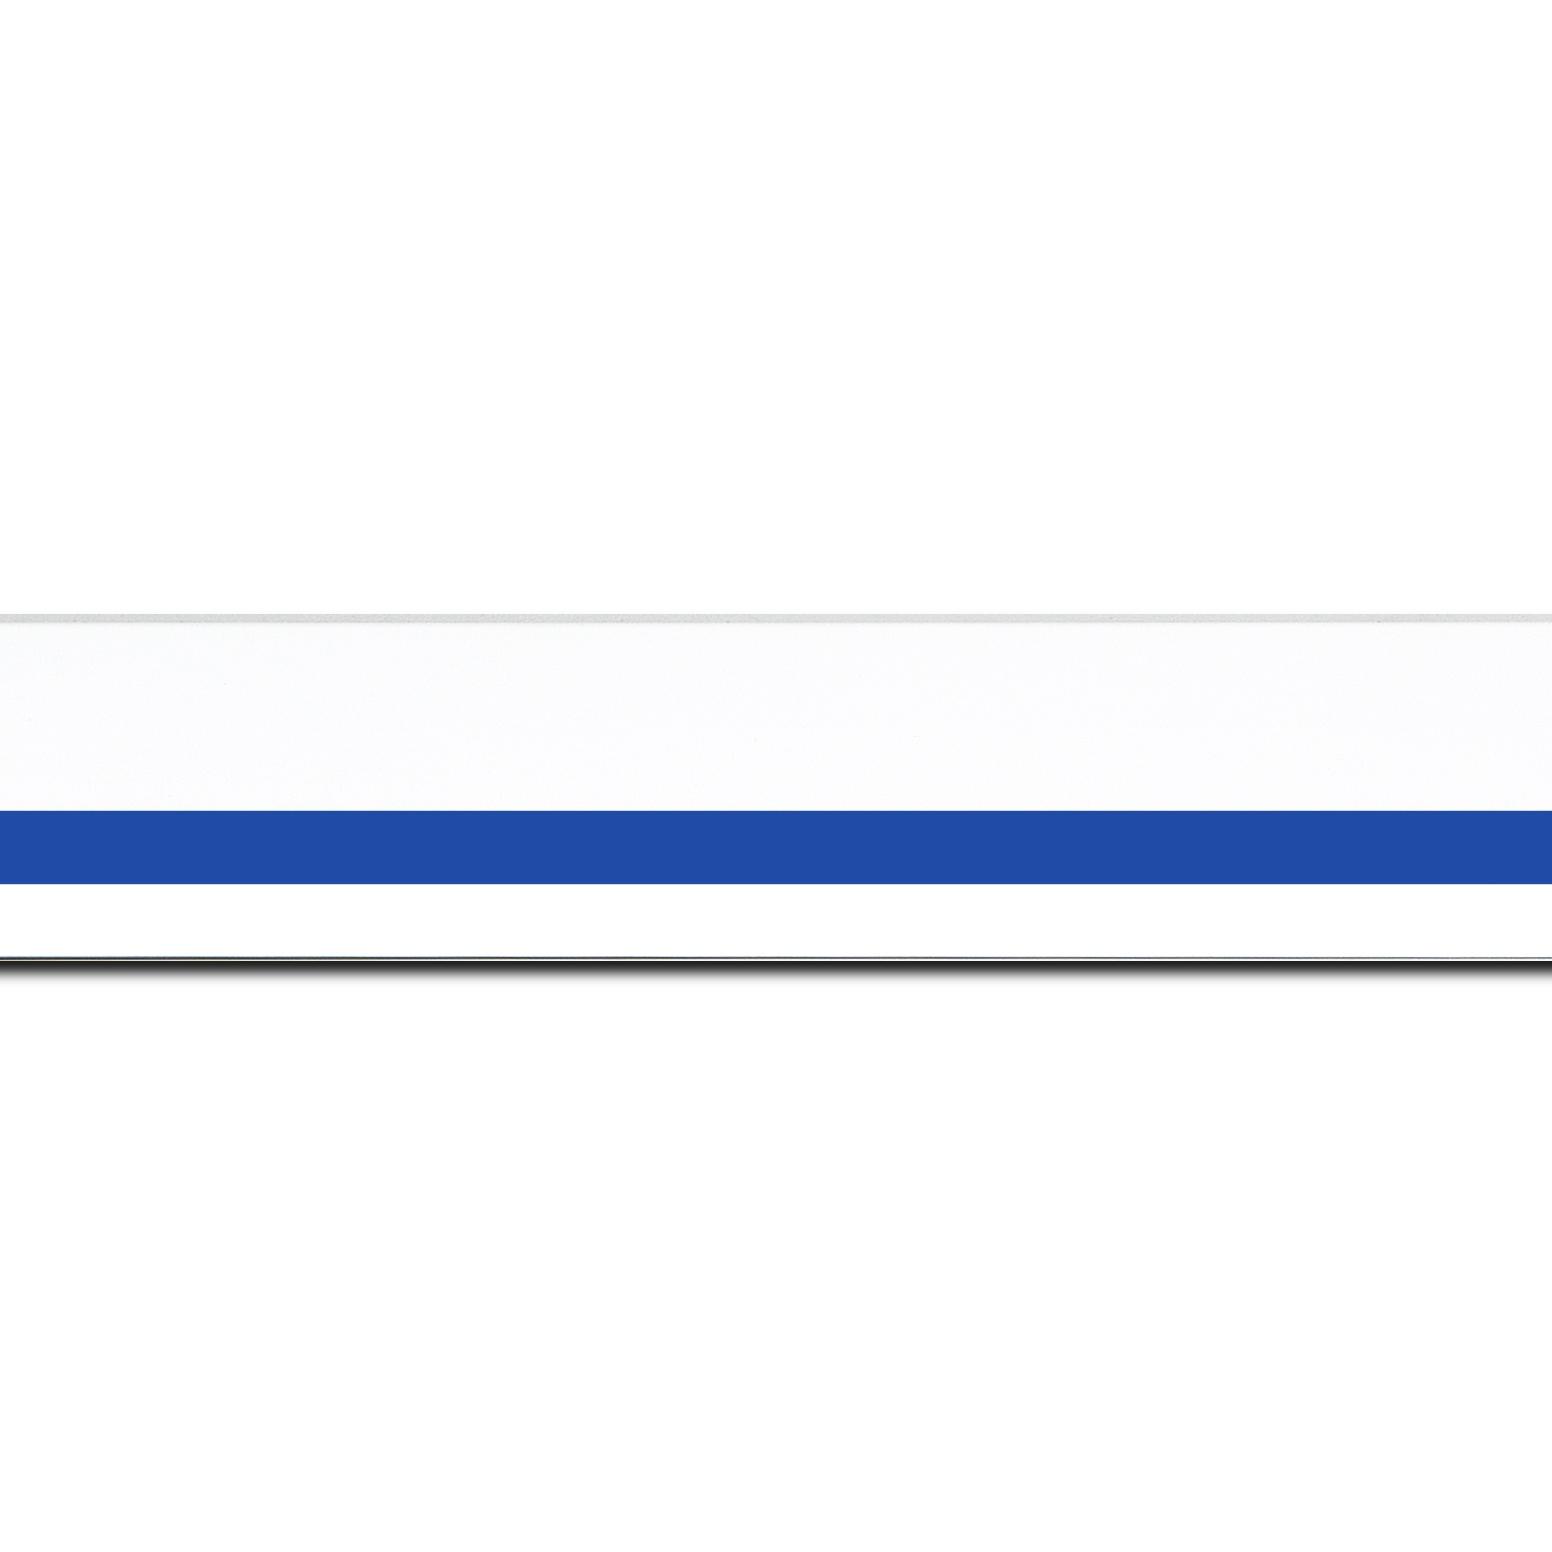 Baguette longueur 1.40m bois profil pente largeur 4.5cm de couleur blanc mat filet bleu foncé